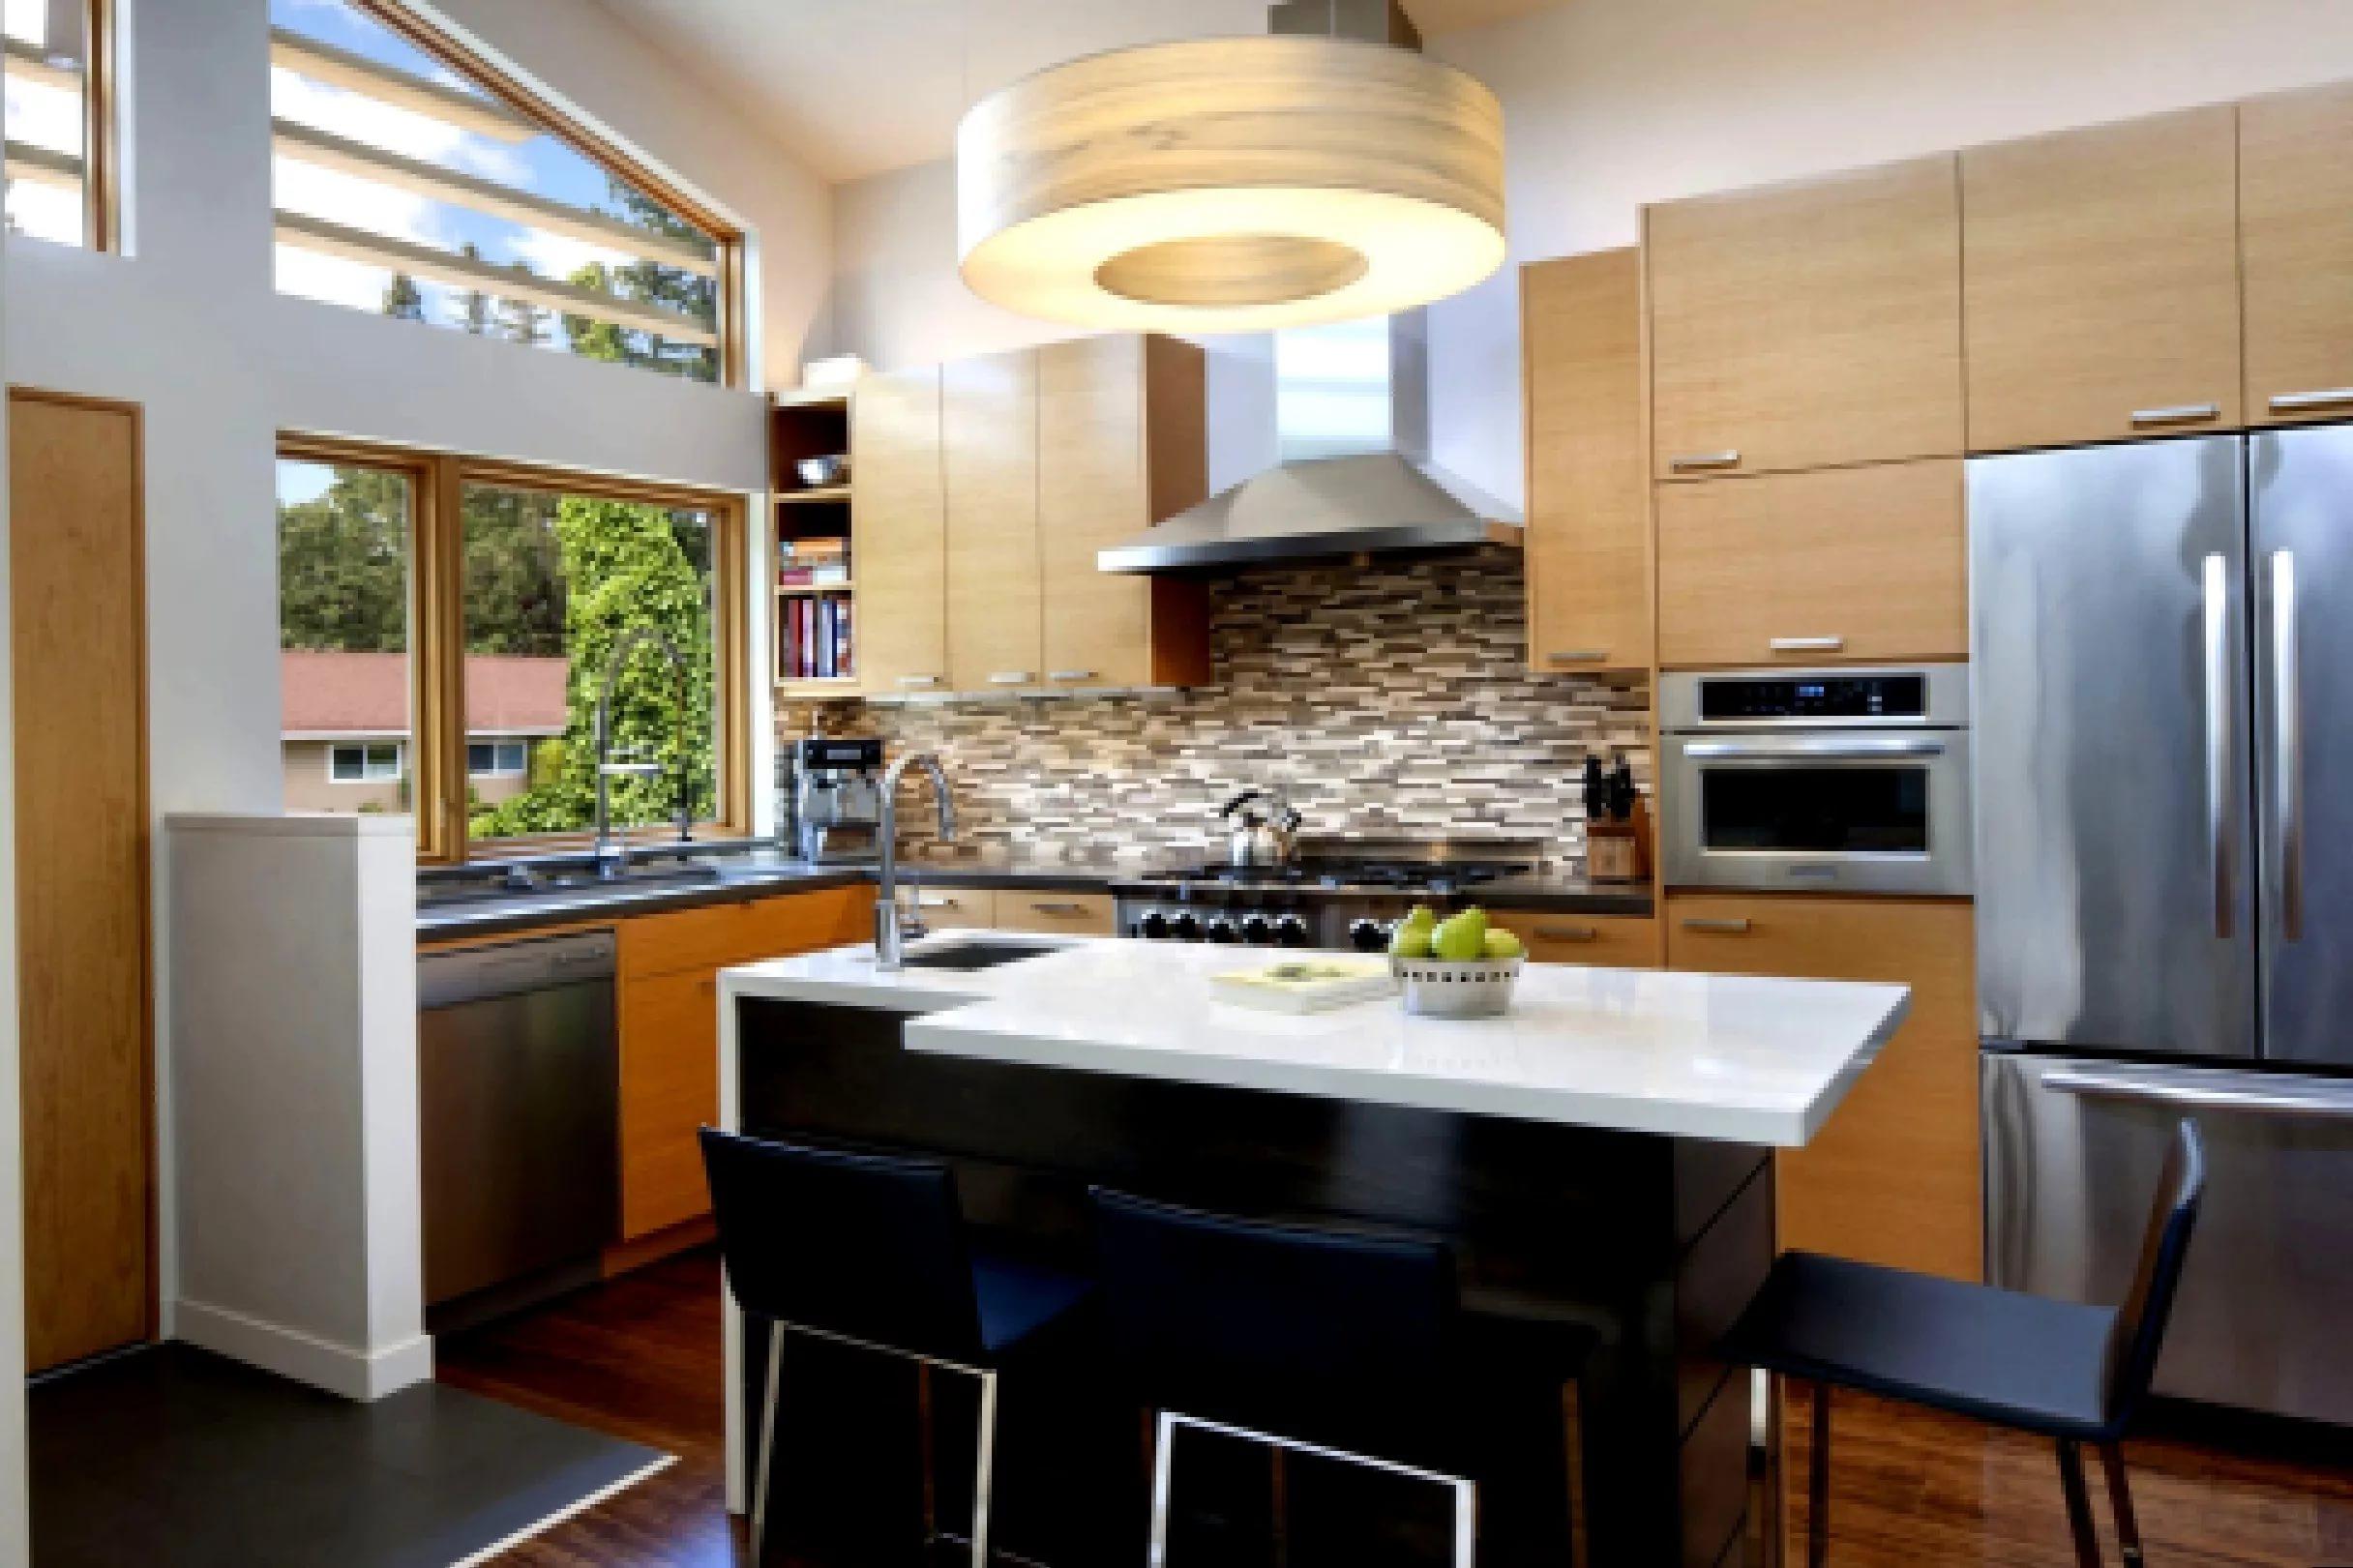 Увеличение кухни кухне 6 кв.м